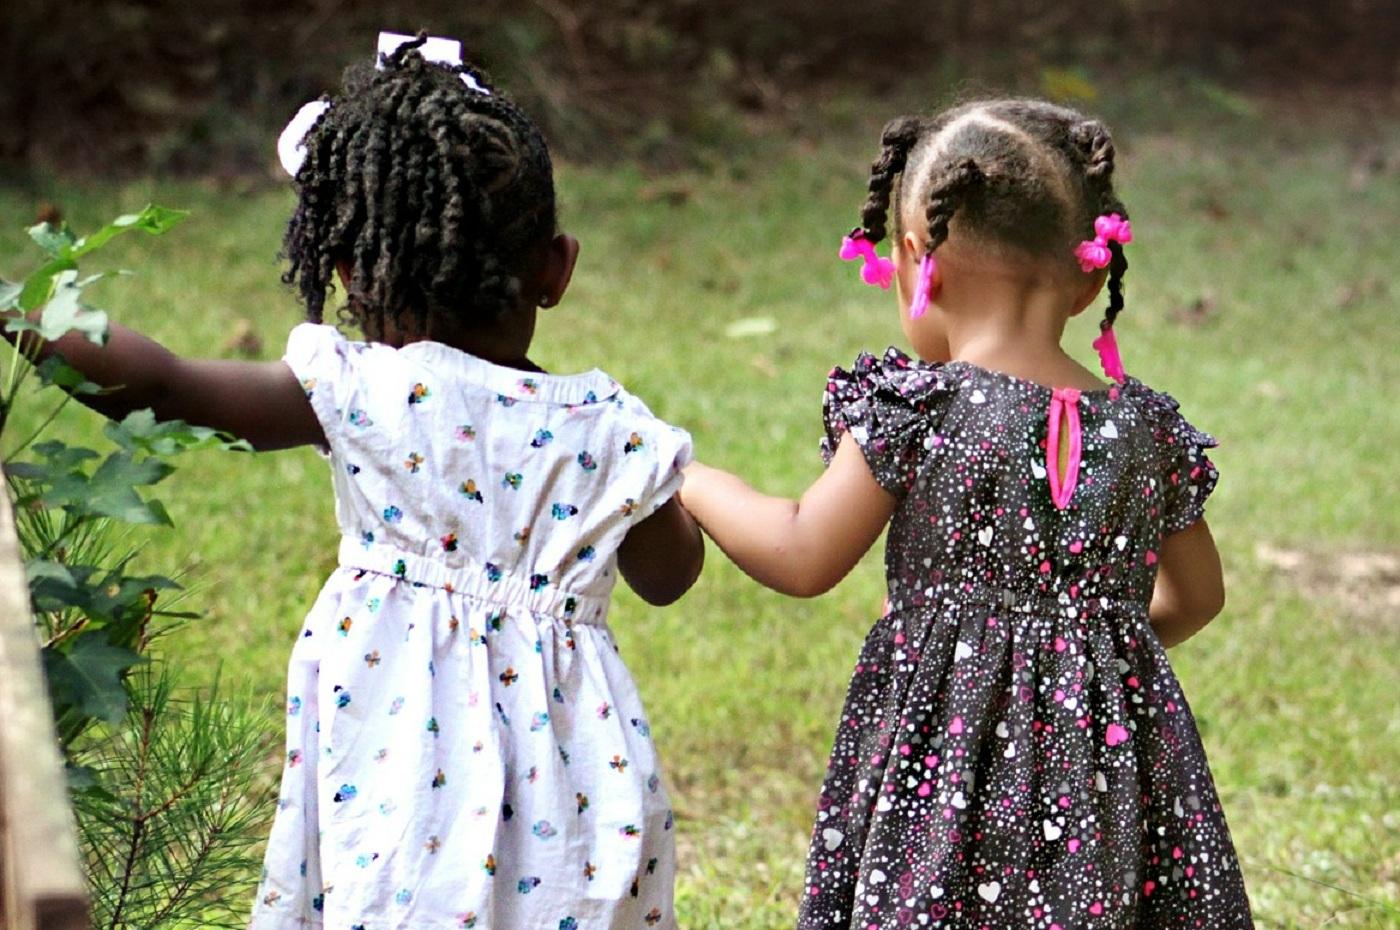 Las amistades que comienzan en la infancia son las más eficientes para la transmisión cultural en redes sociales humanas. Imagen: cherylholt. Fuente: Pixabay.